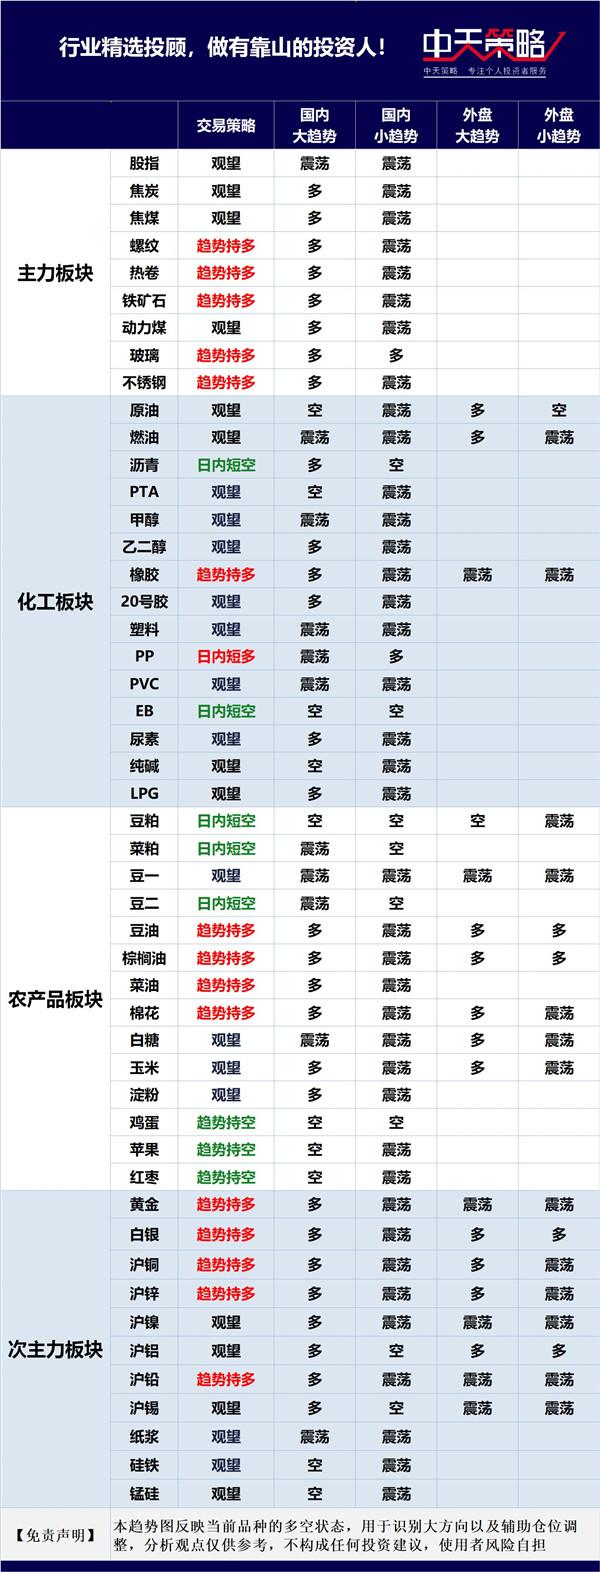 中天策略:8月11日期货市场分析